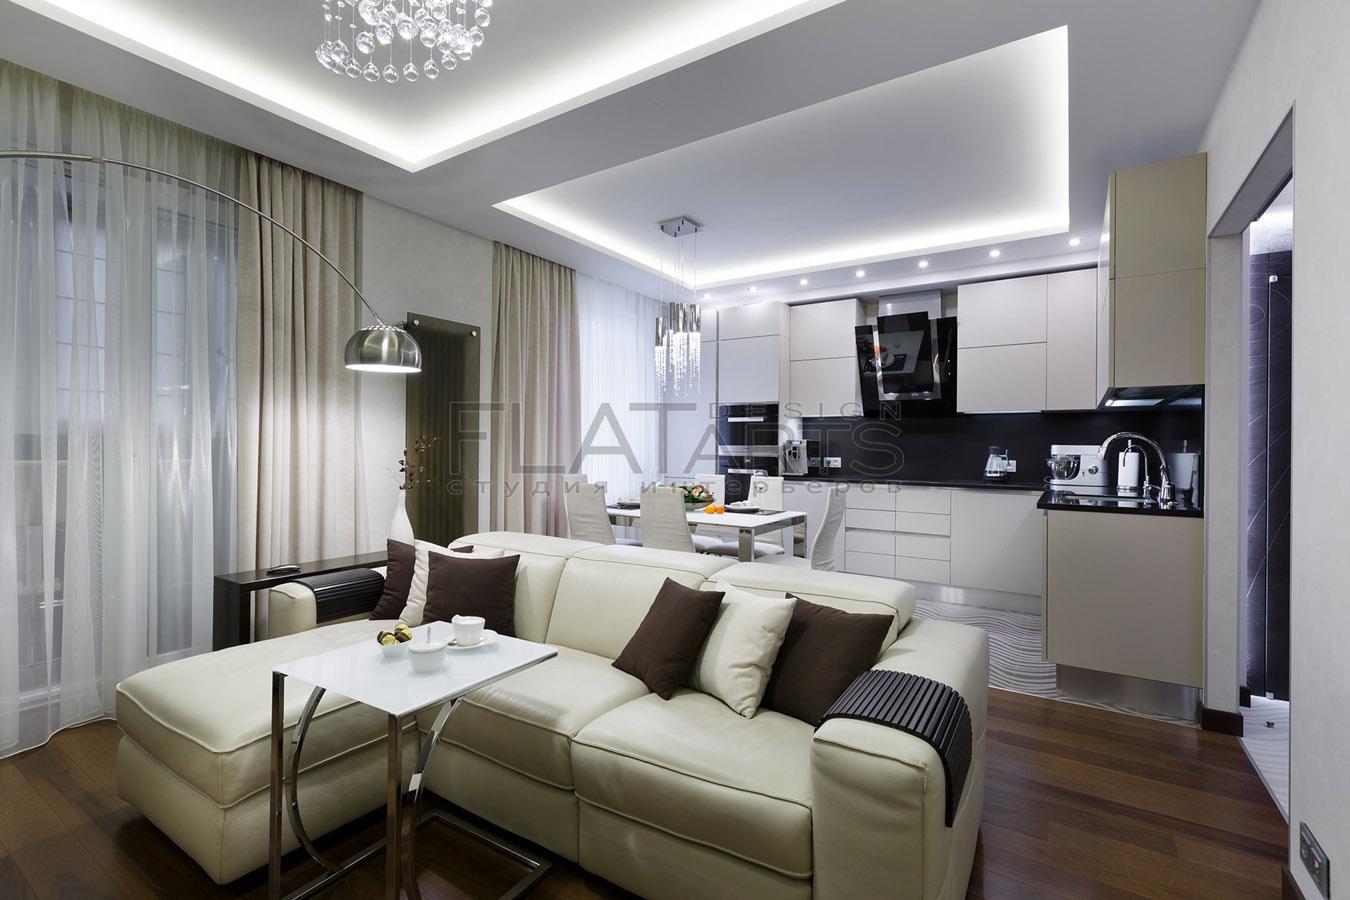 дизайн проект кухни гостиной 40 кв.м фото